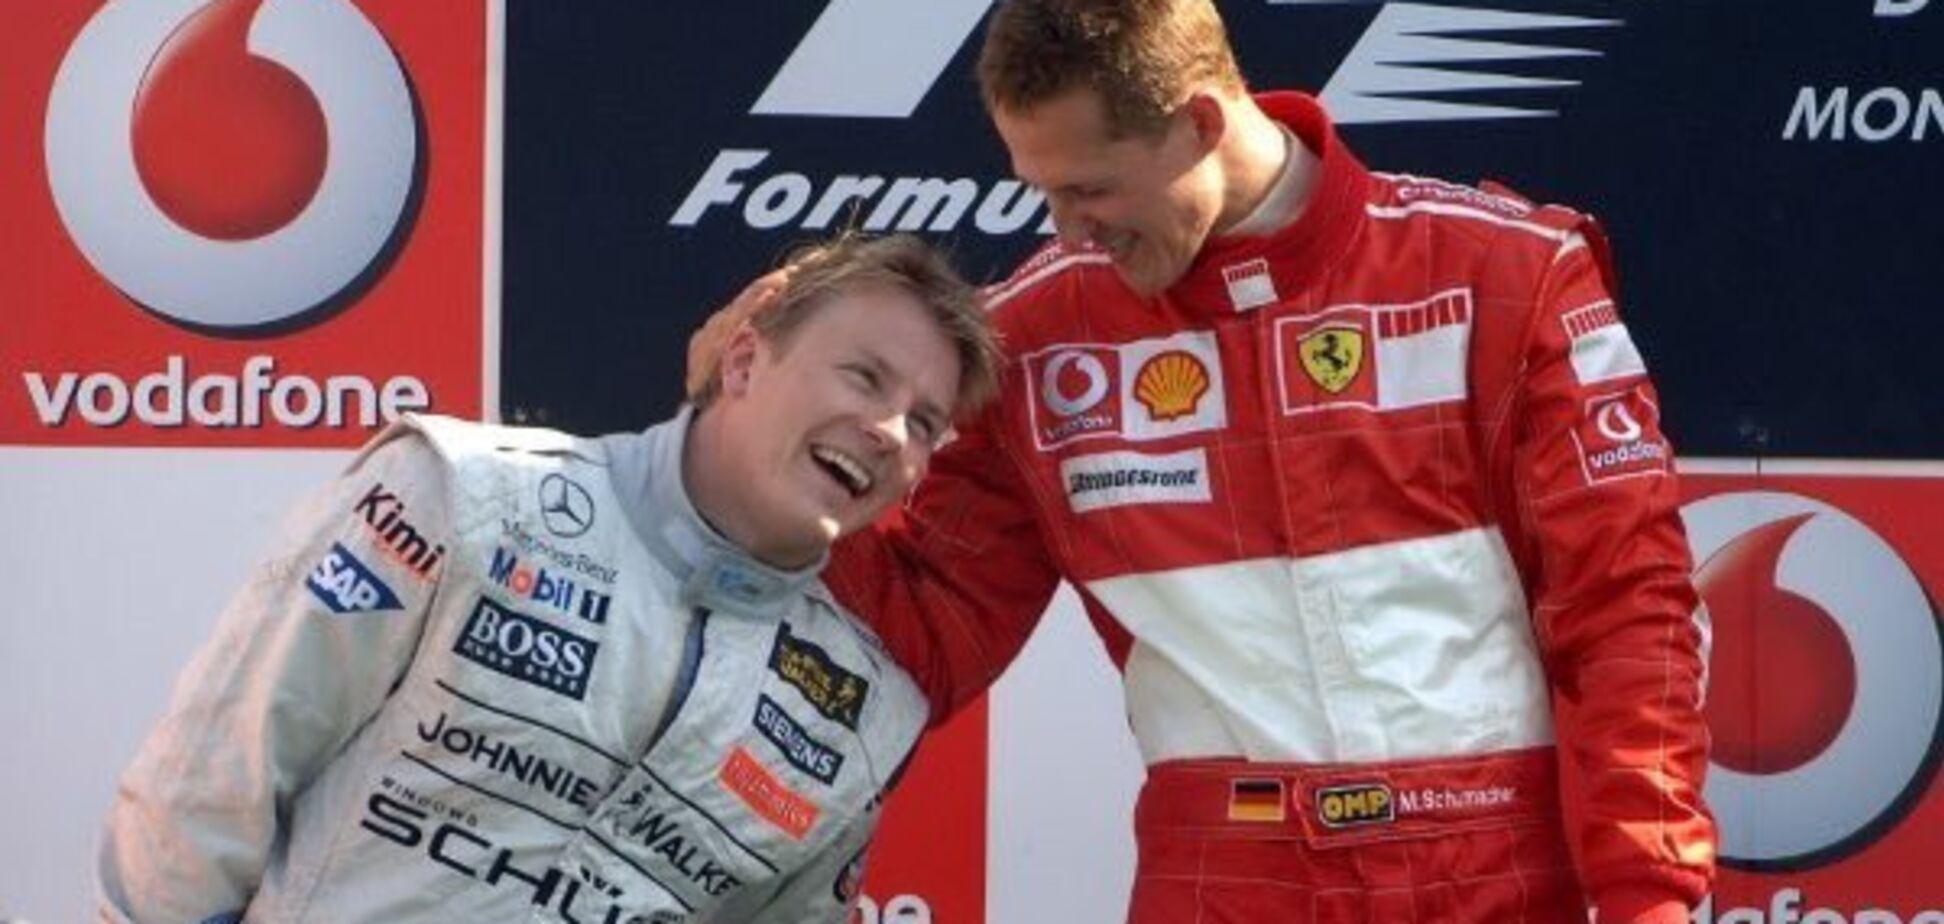 Династія: Шумахер вручив приз Райкконену за історичний рекорд Формули-1